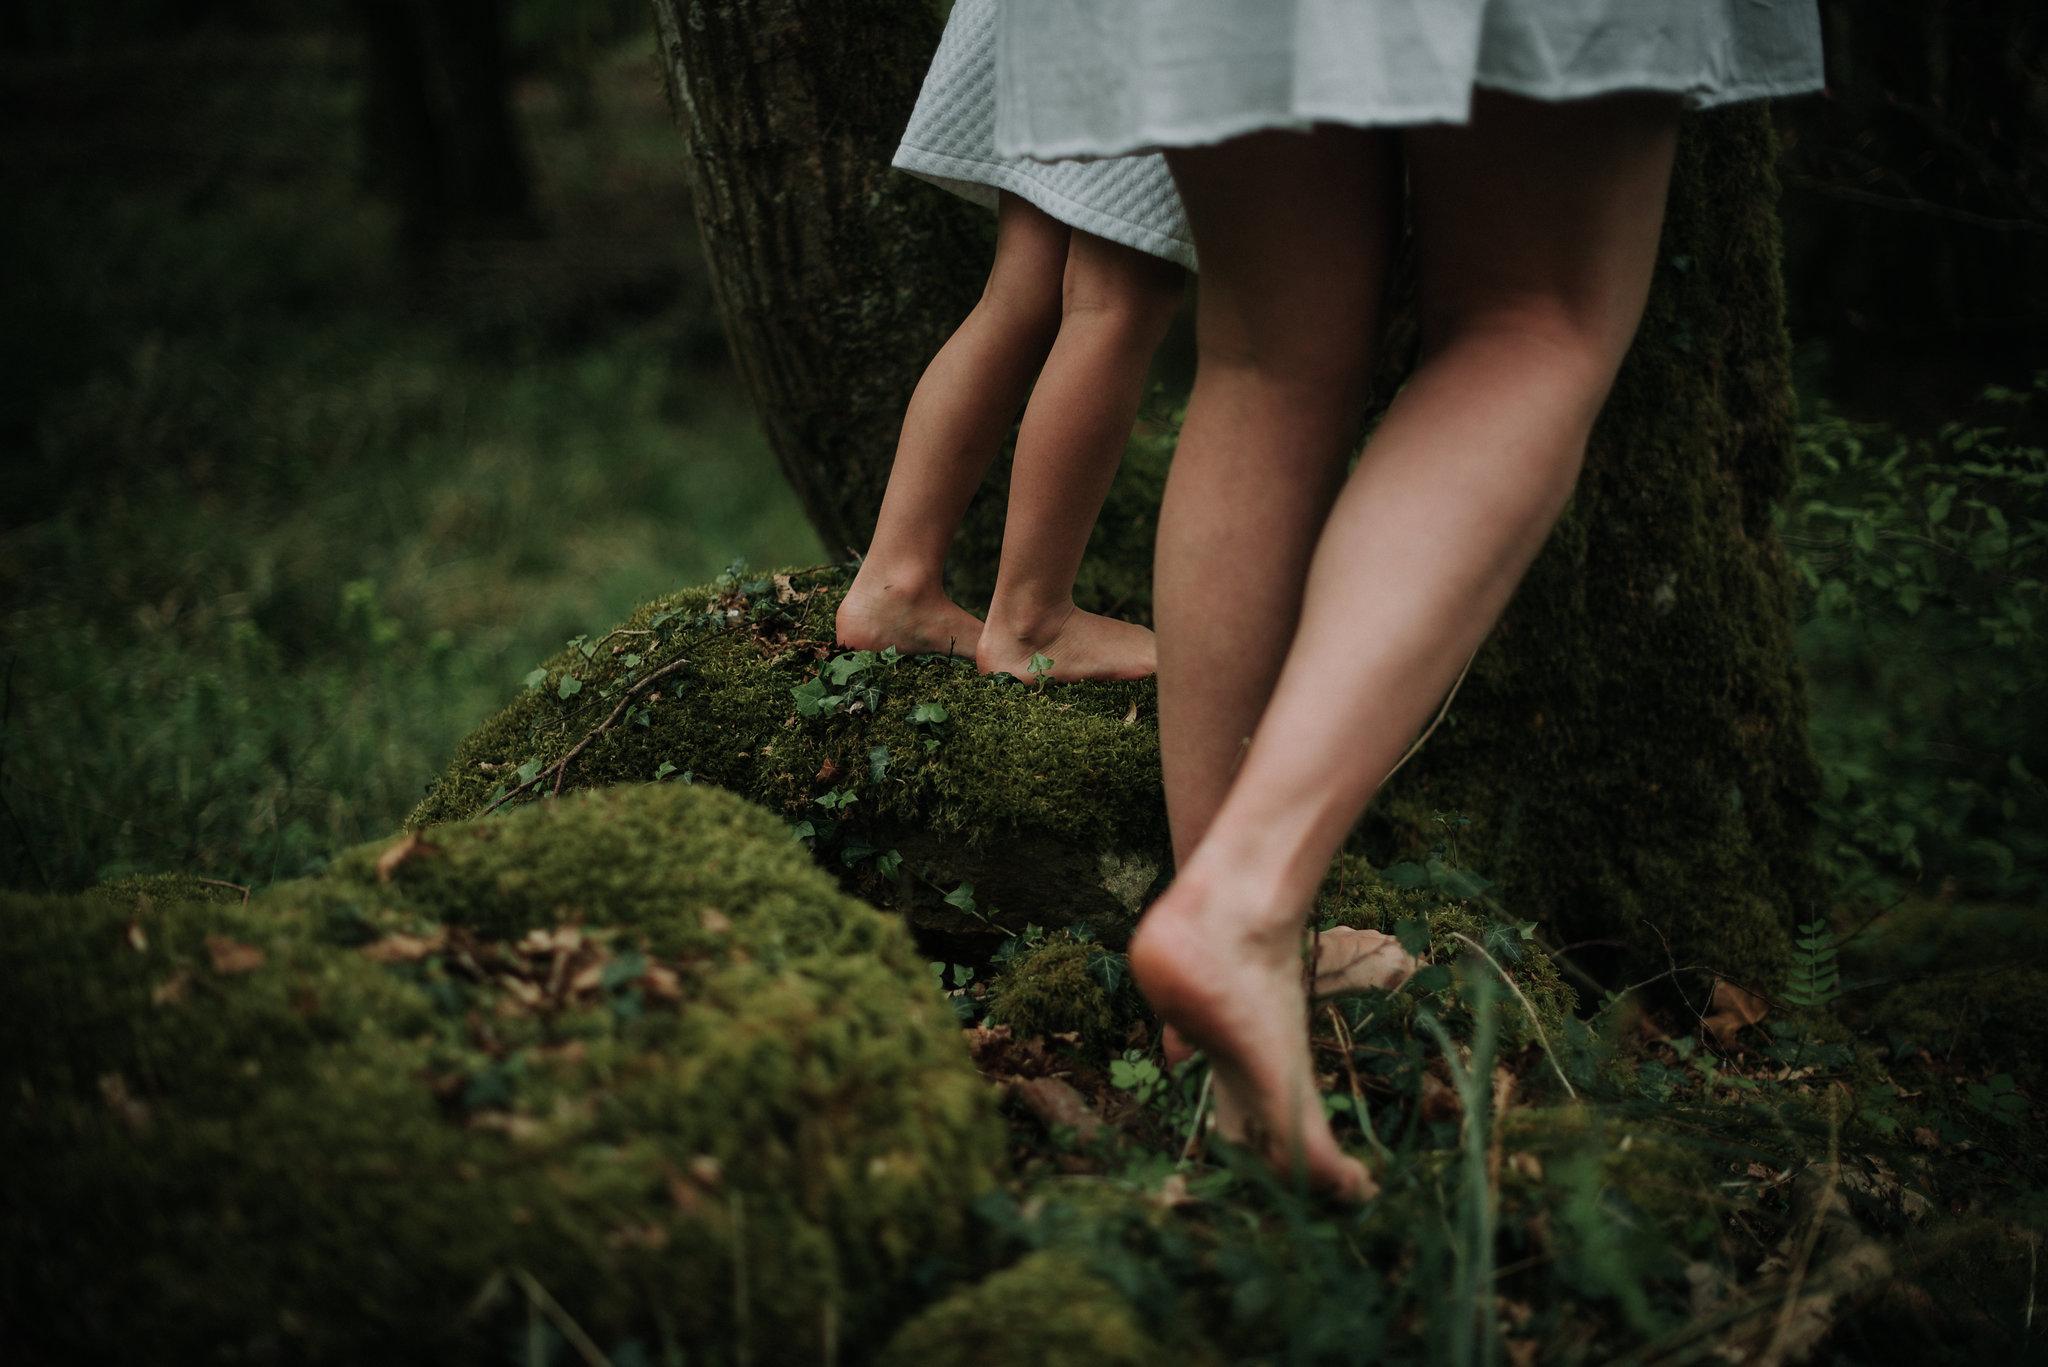 Léa-Fery-photographe-professionnel-lyon-rhone-alpes-portrait-creation-mariage-evenement-evenementiel-famille-7971.jpg